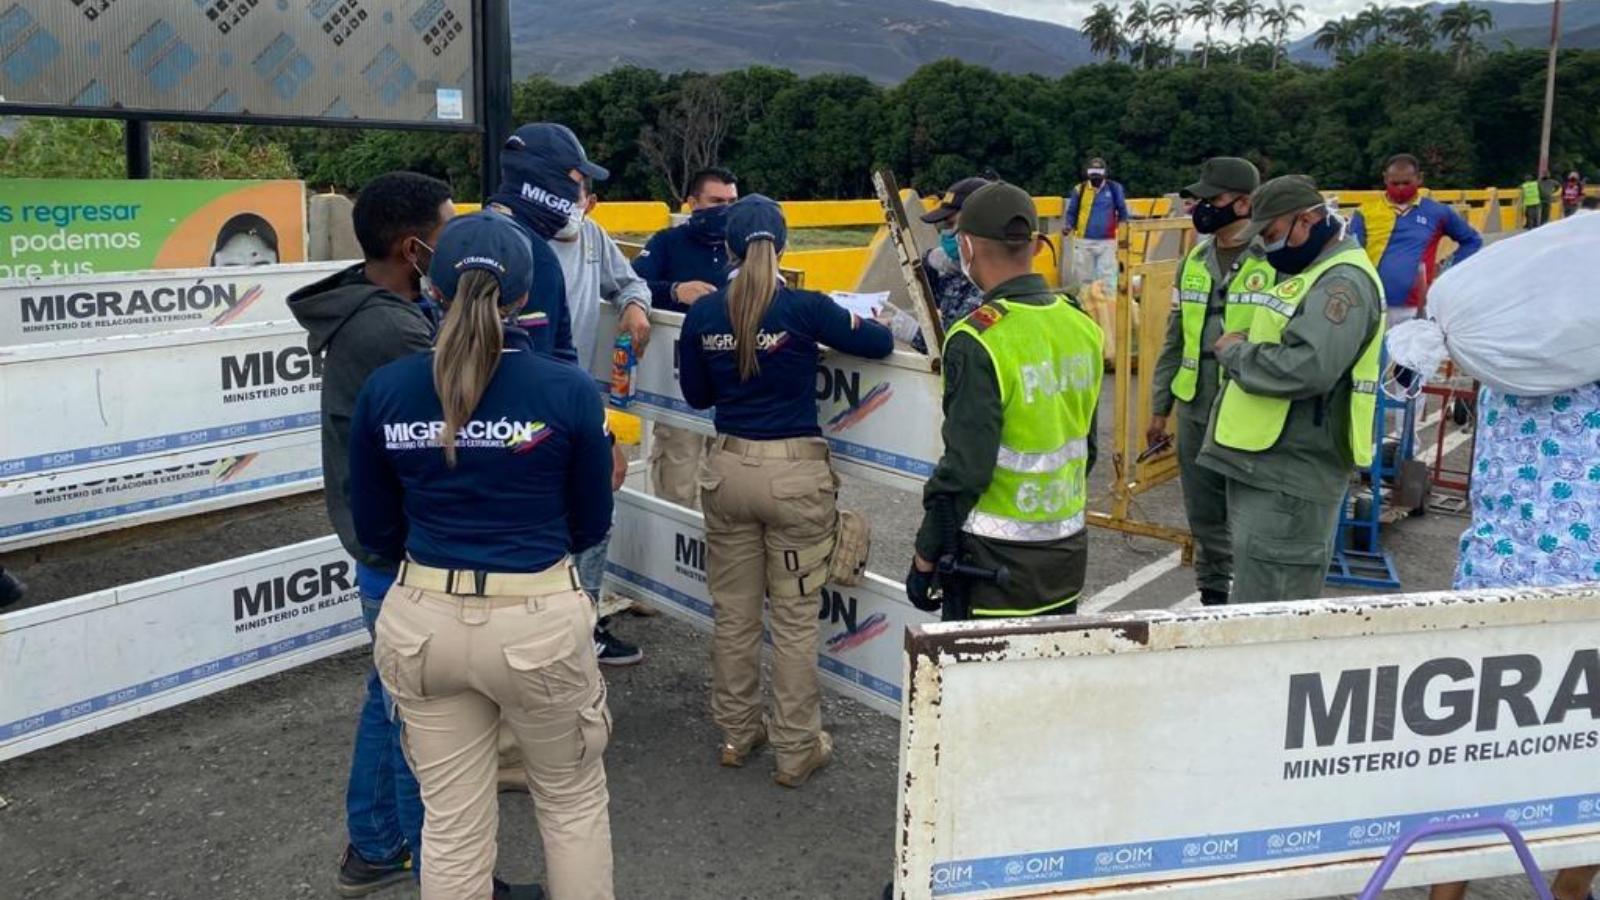 Expulsar a los venezolanos: ¿protección o discriminación?